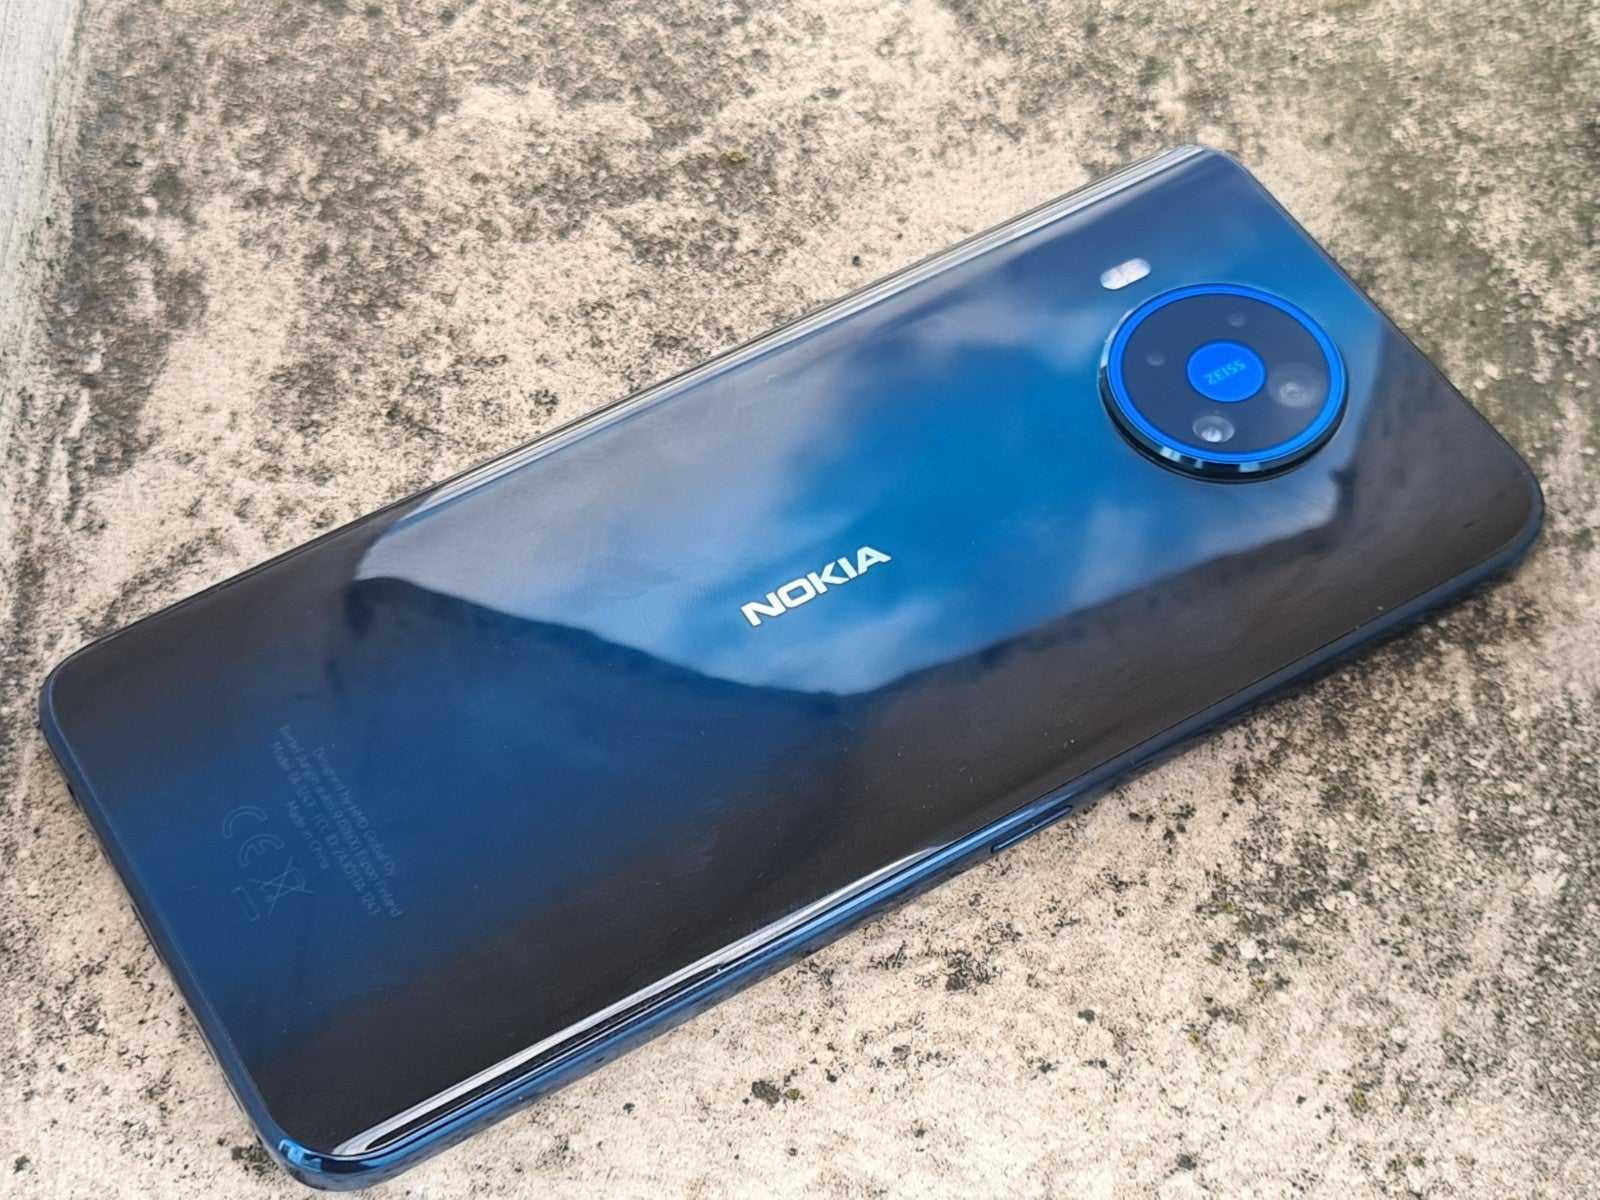 Nokia готовит к выпуску смартфон с 108-мегапиксельной камерой (1605276543 obzor nokia 83 5g)